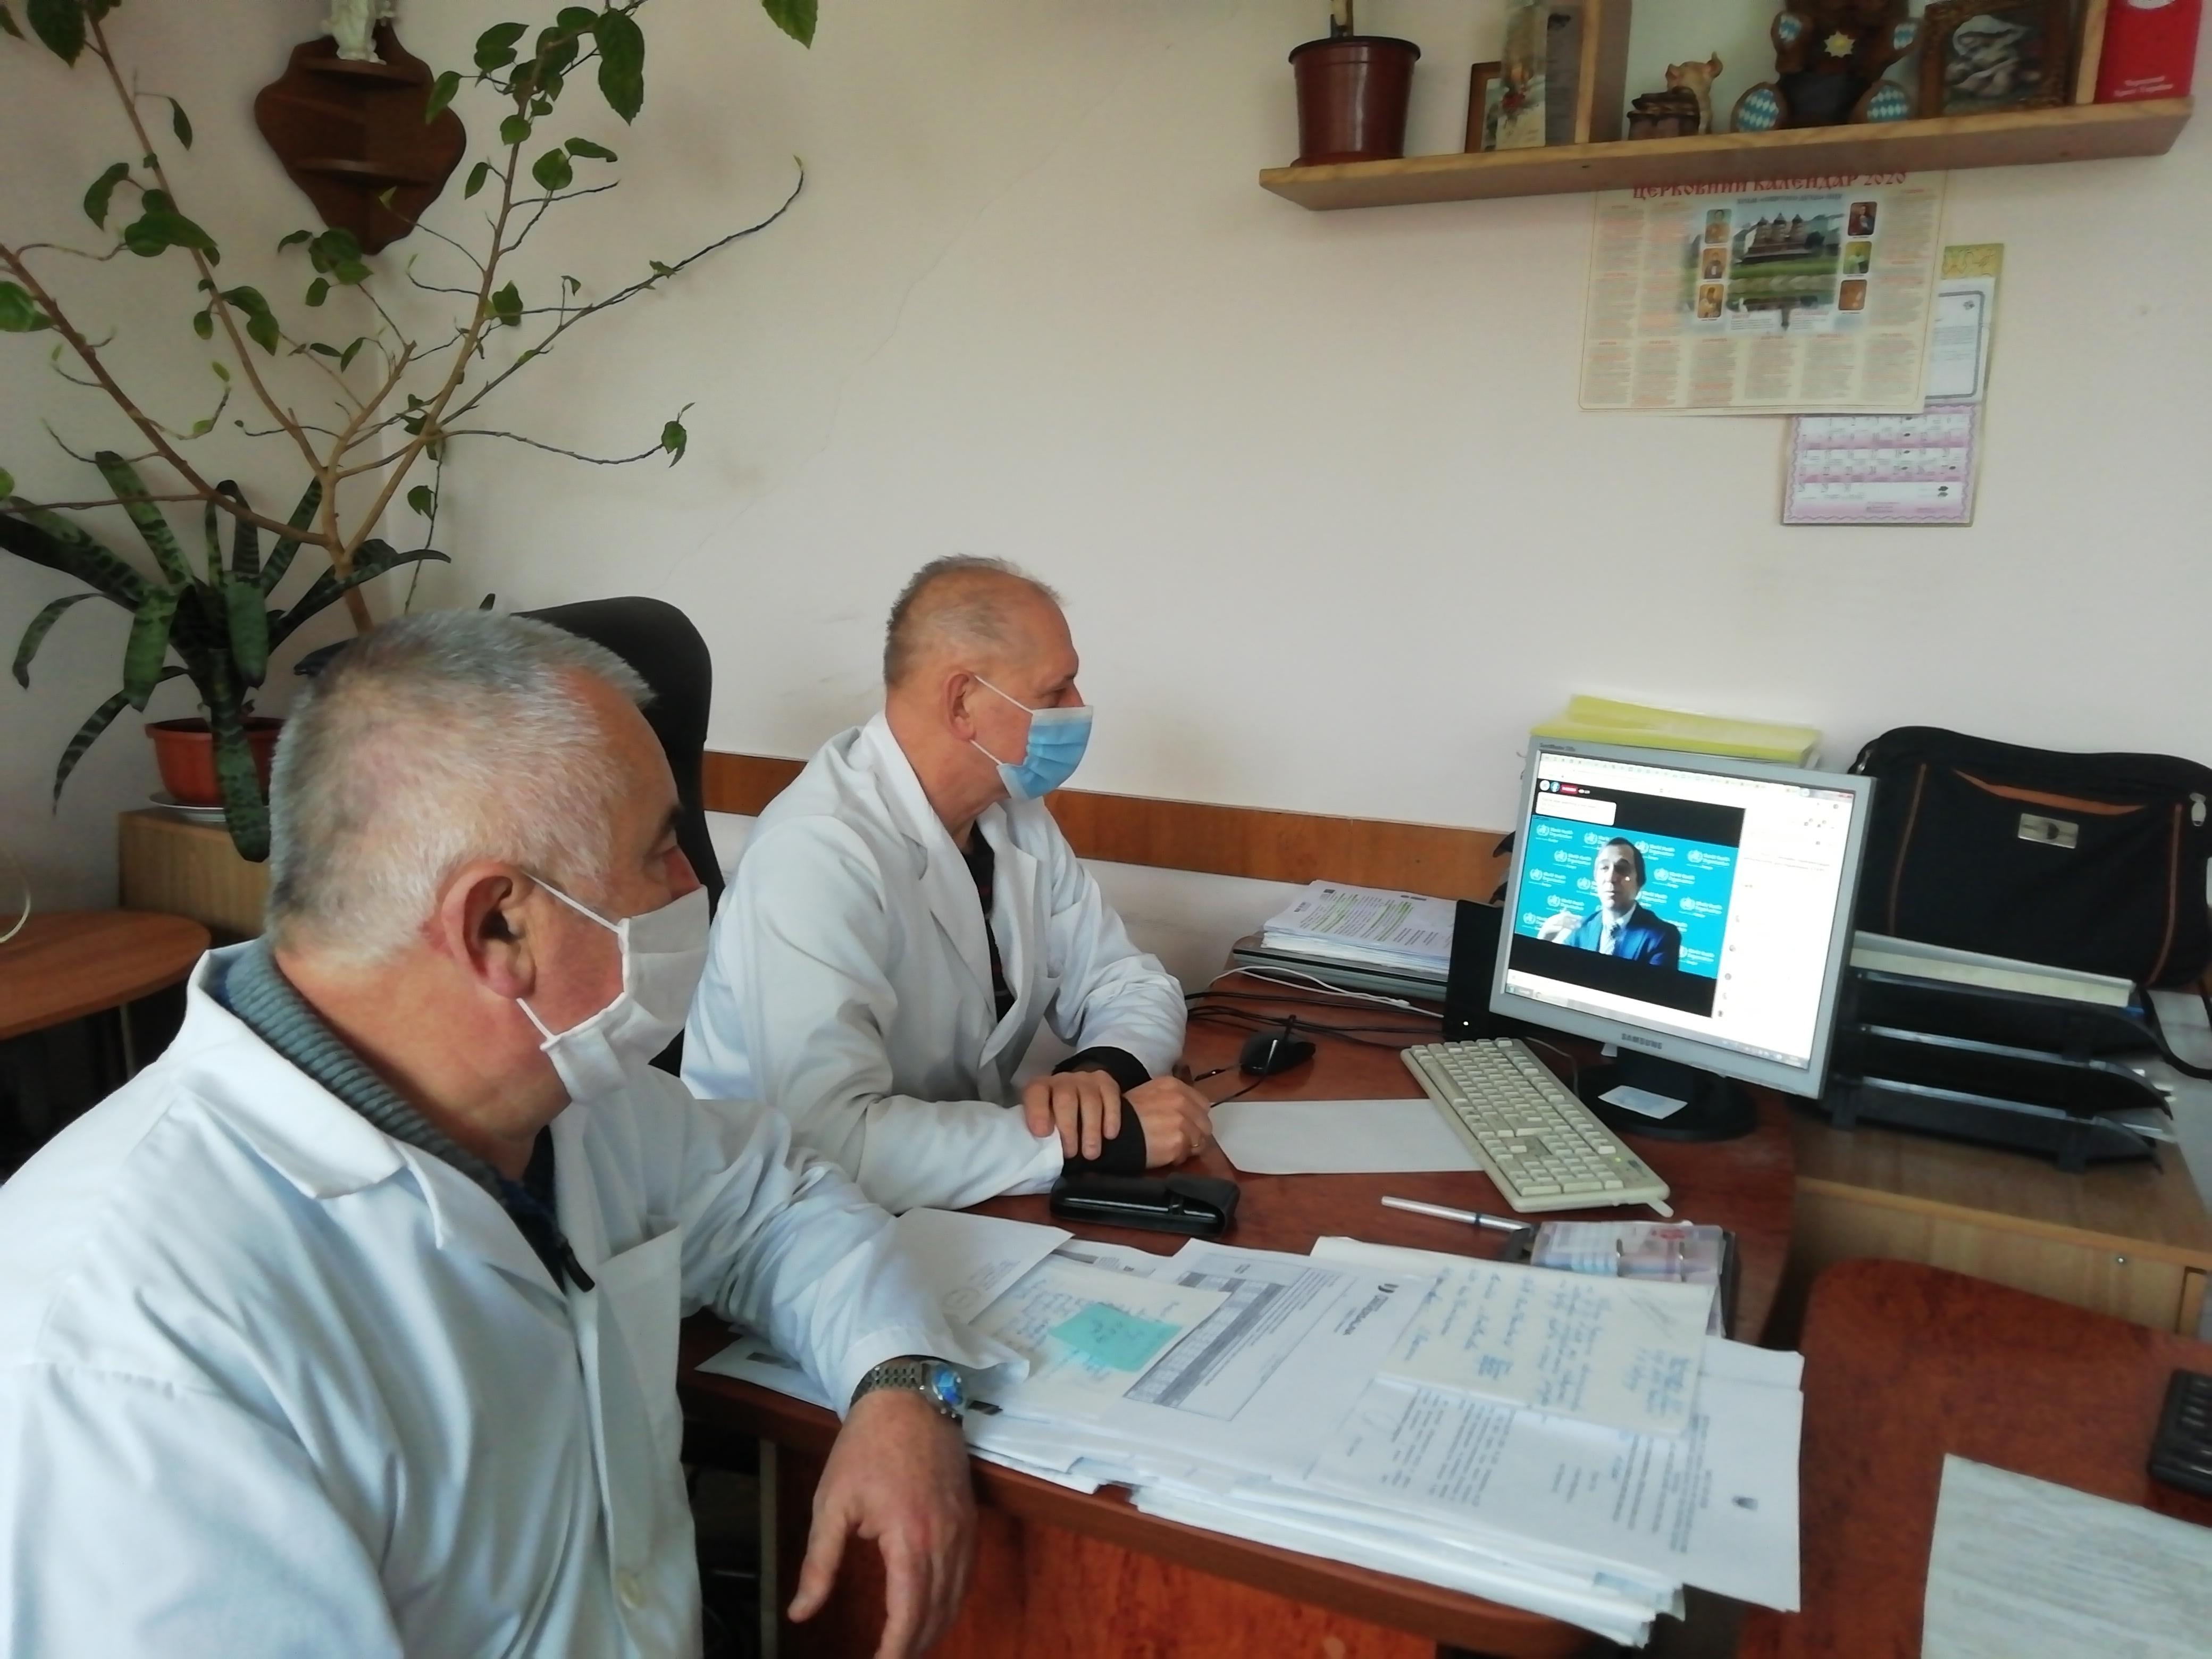 В Україні   вперше проведено  проведено онлайн-презентація результатів дослідження STEPS щодо поширеності факторів ризику неінфекційних захворювань (Н